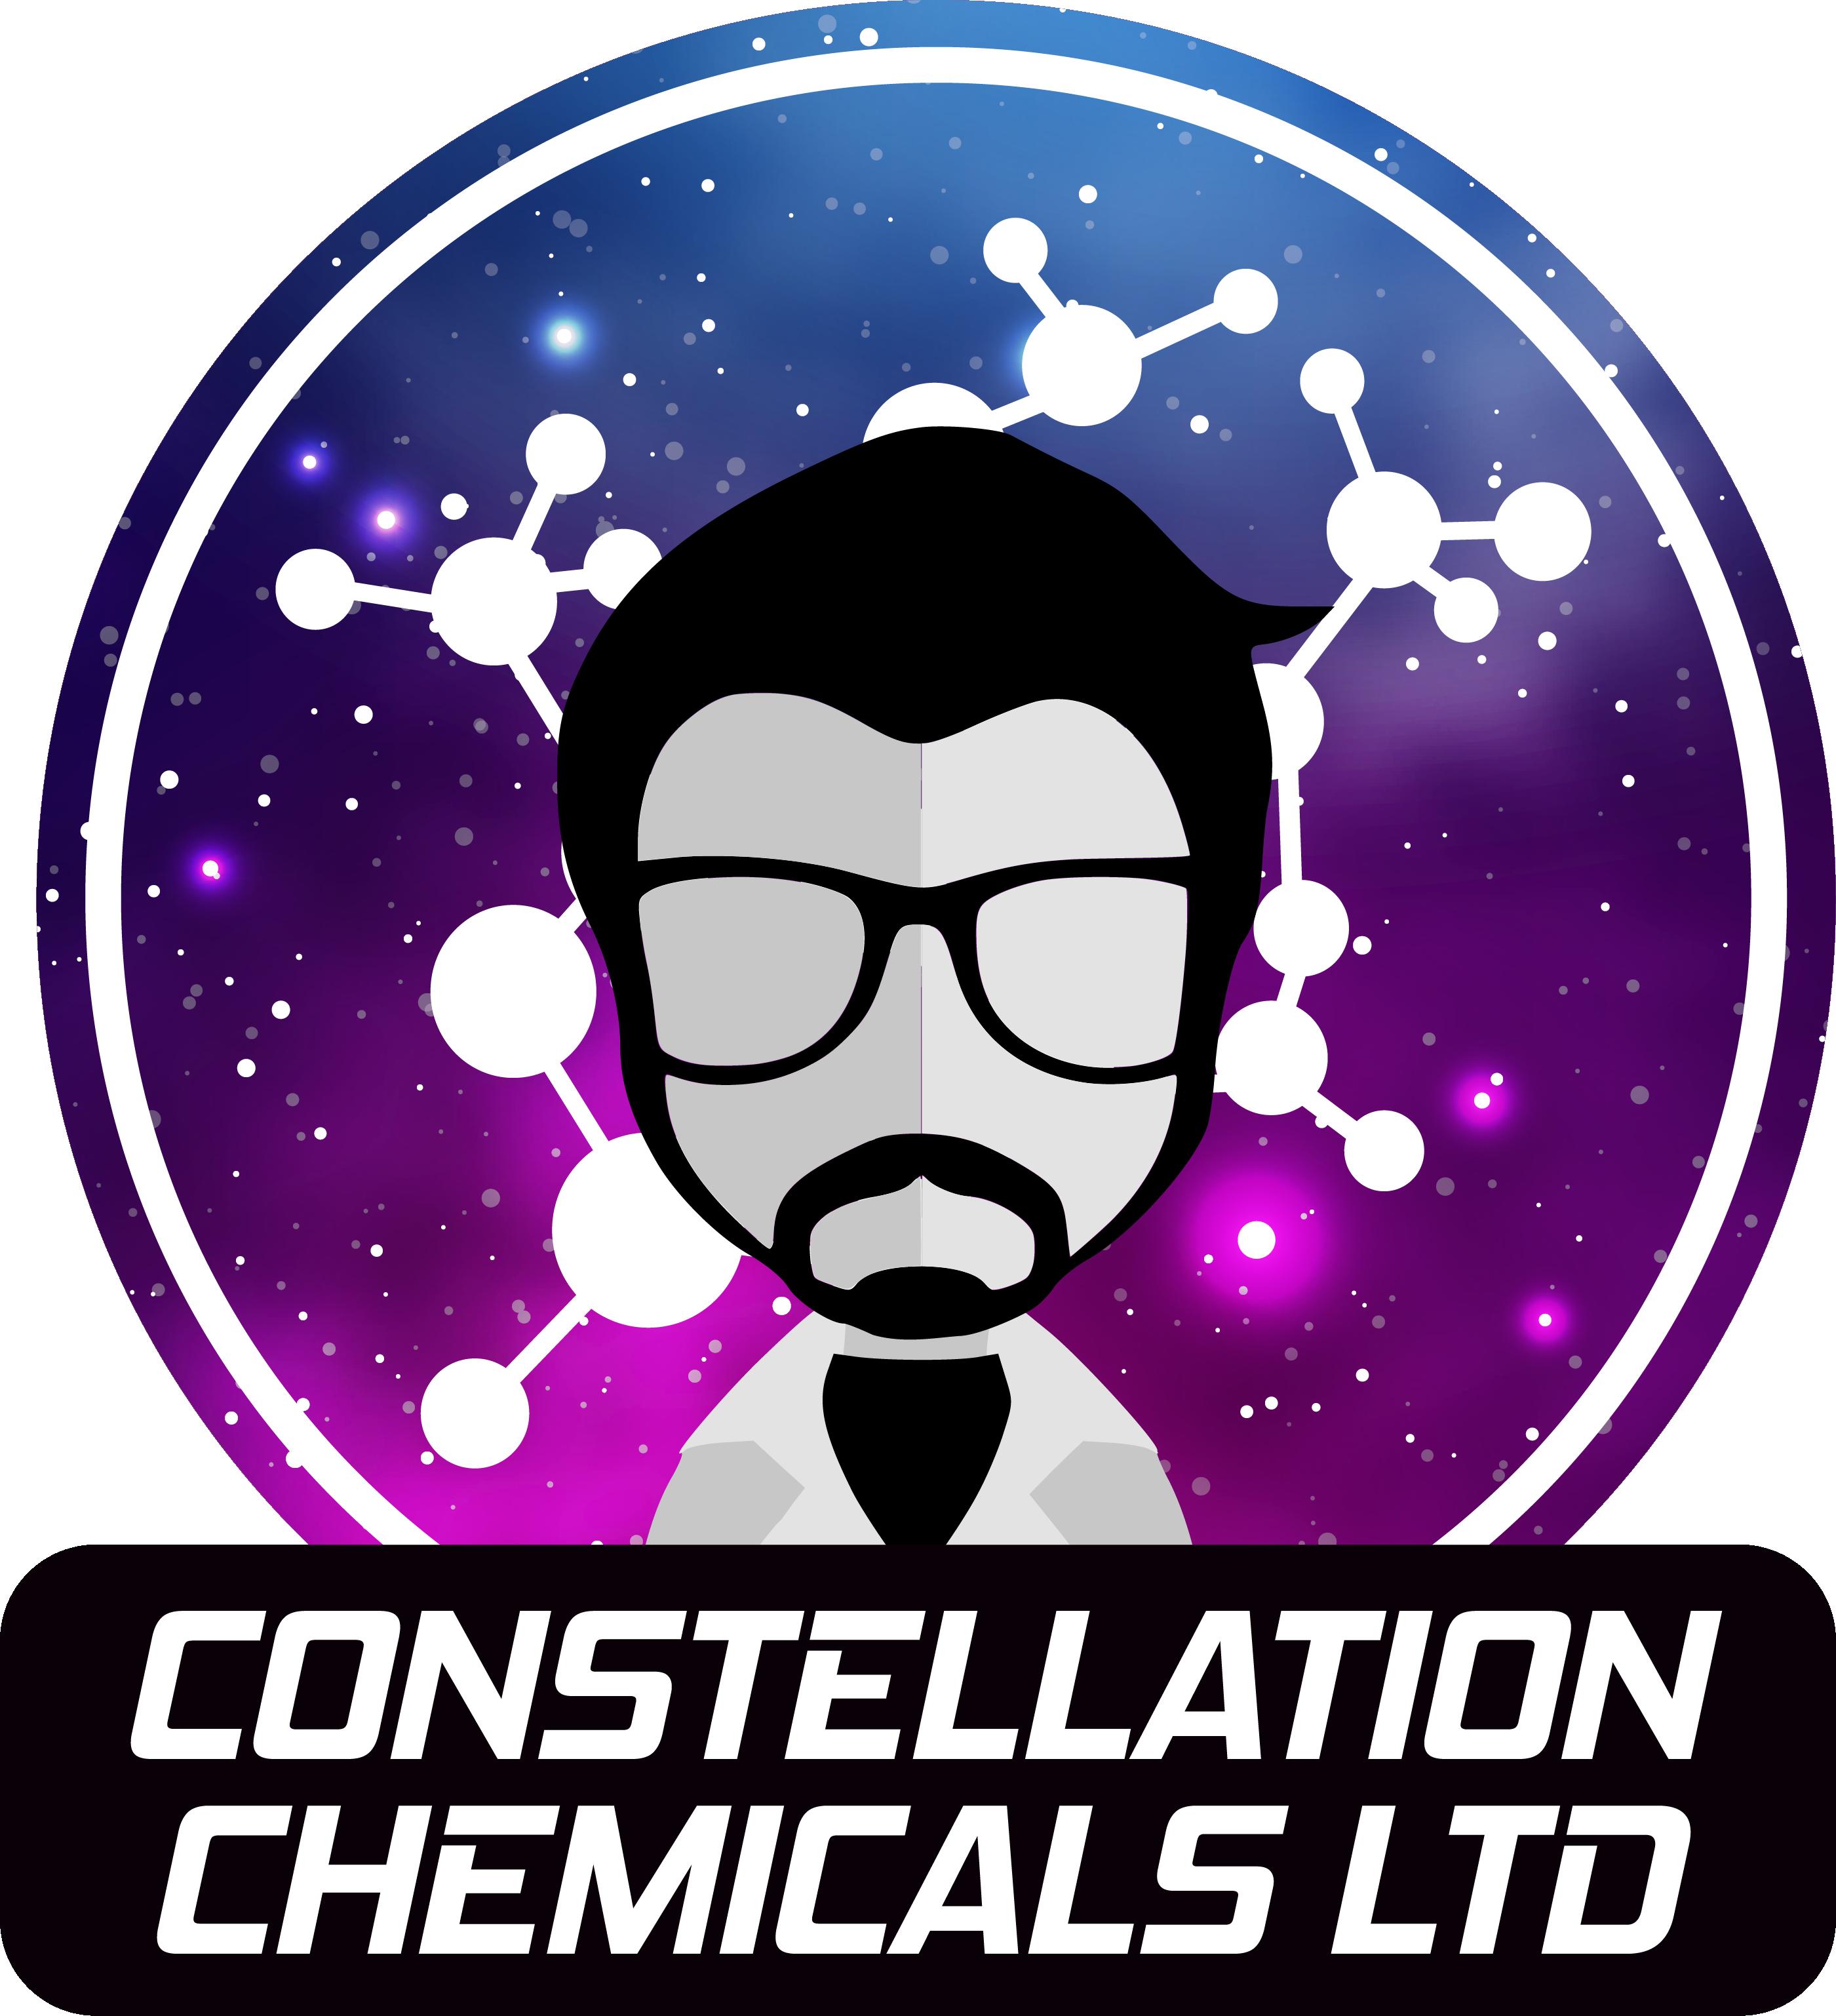 Constellation Chemicals Ltd